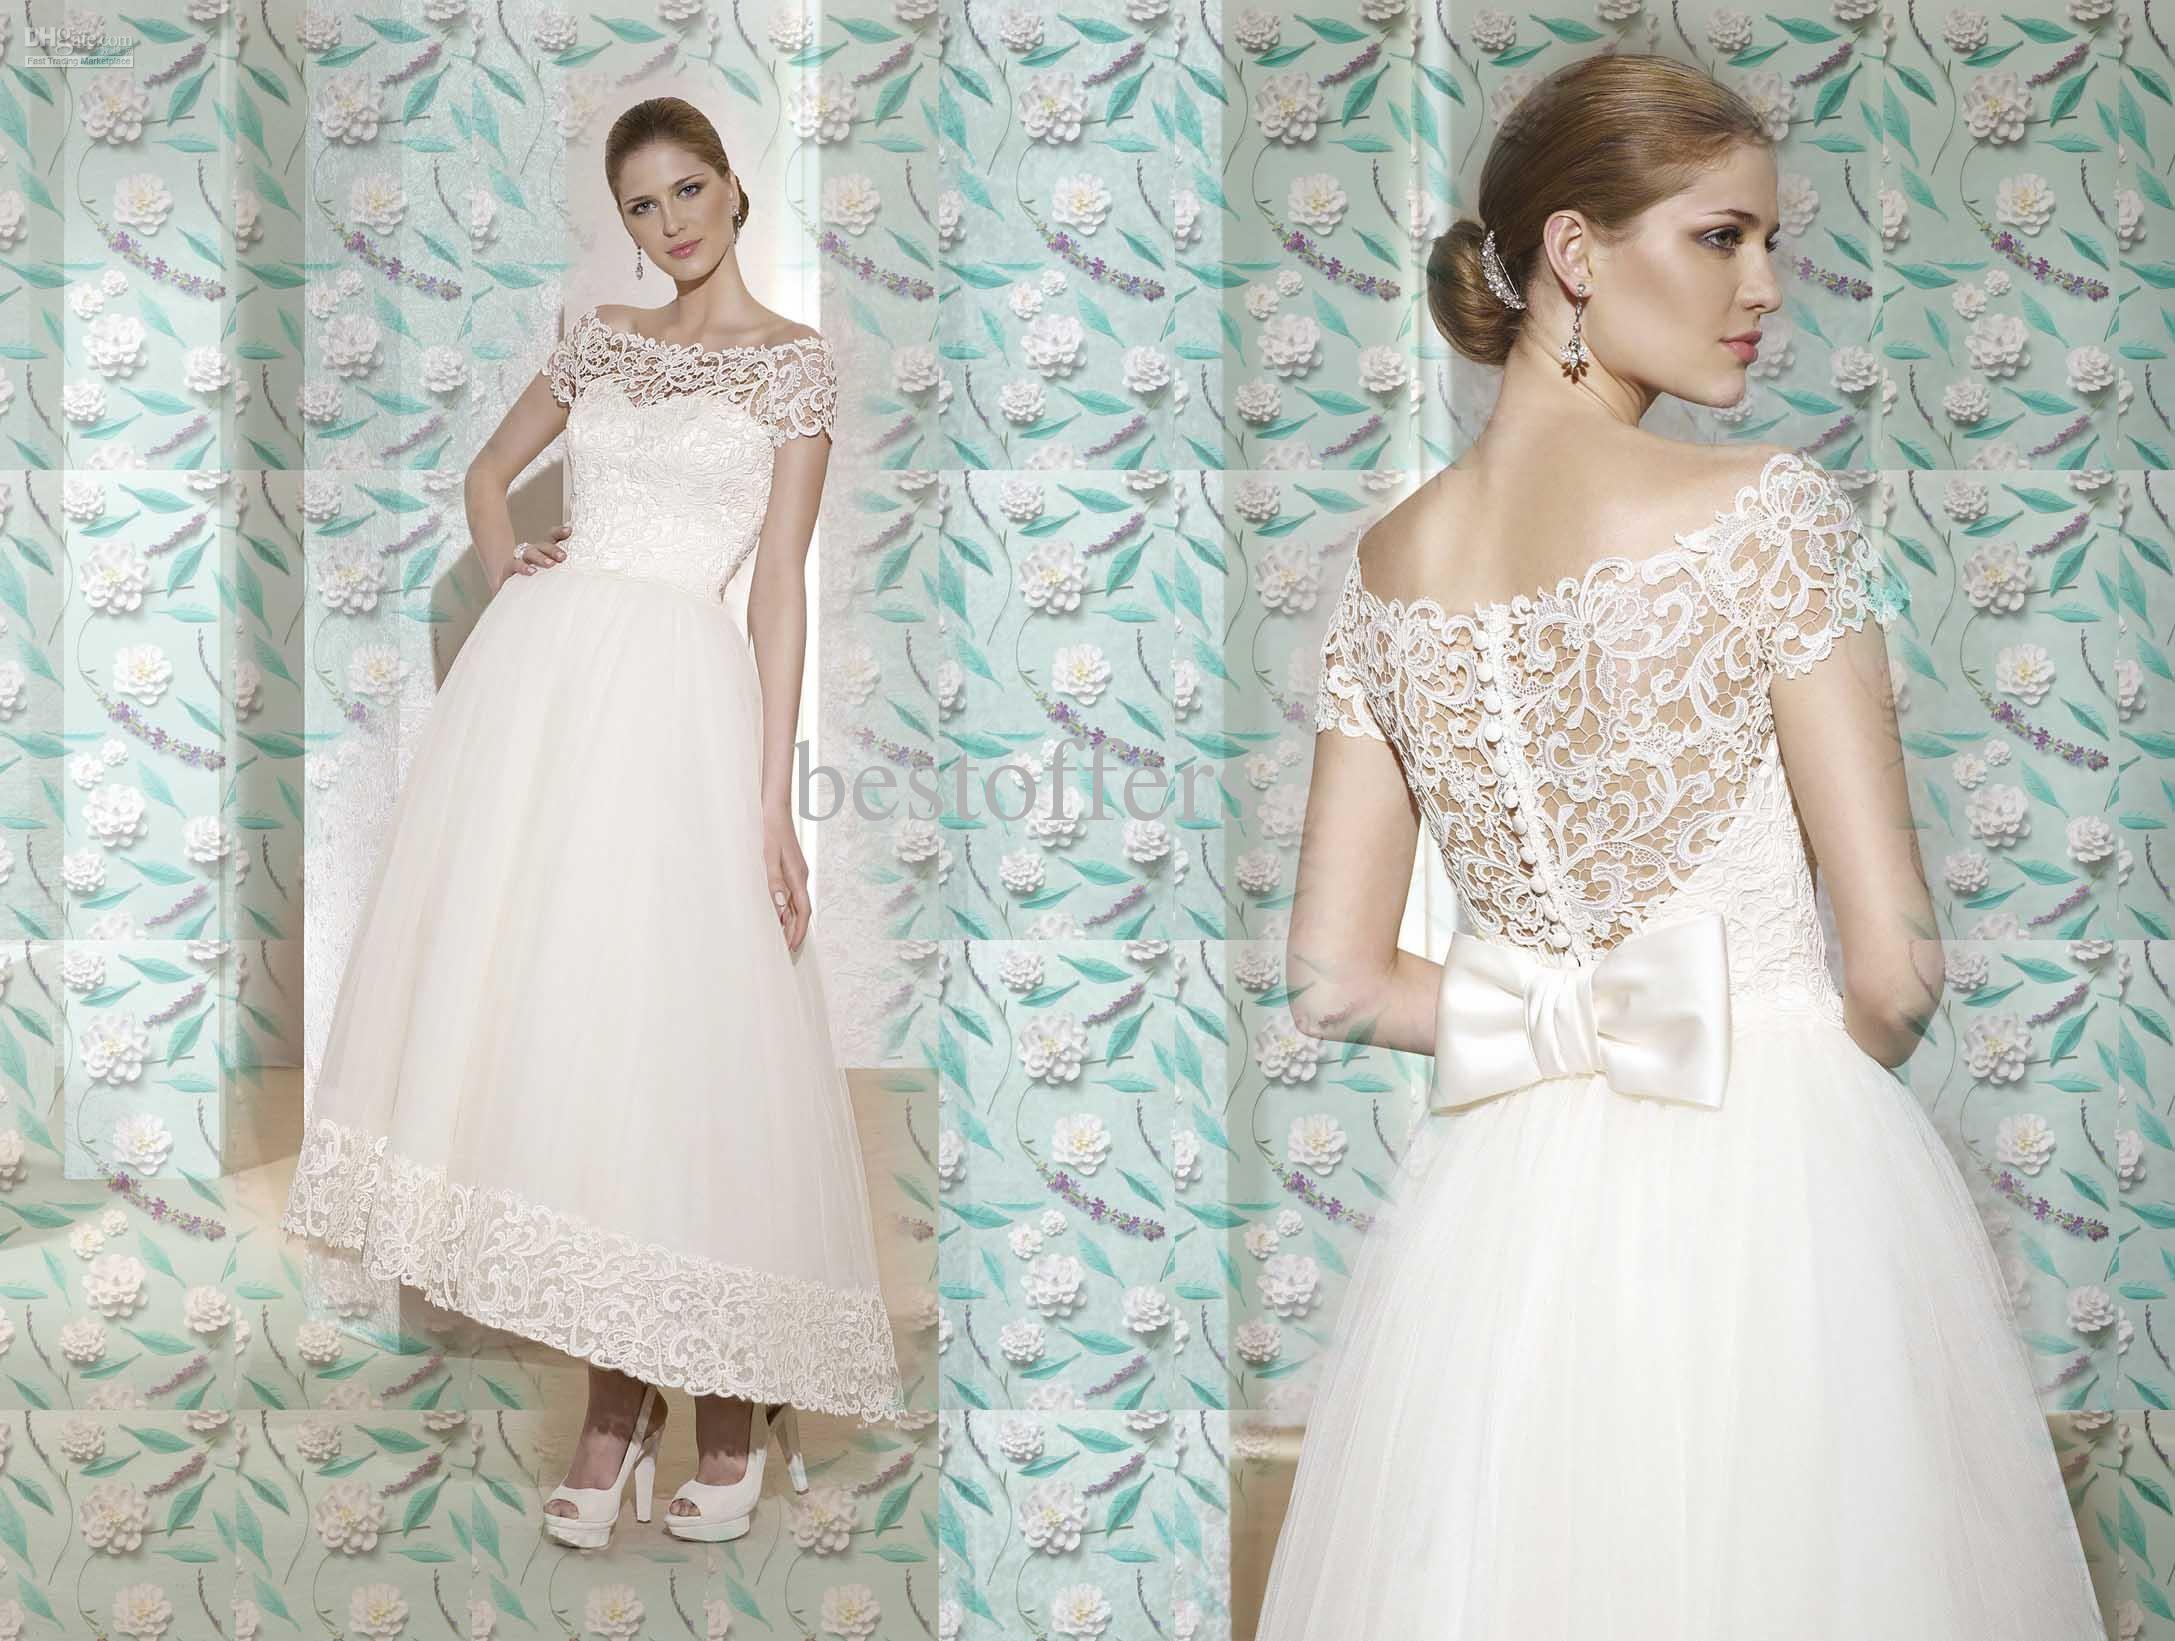 Wholesale Wedding Dresses - Buy Wedding Gown Off Shoulder Stack Up ...